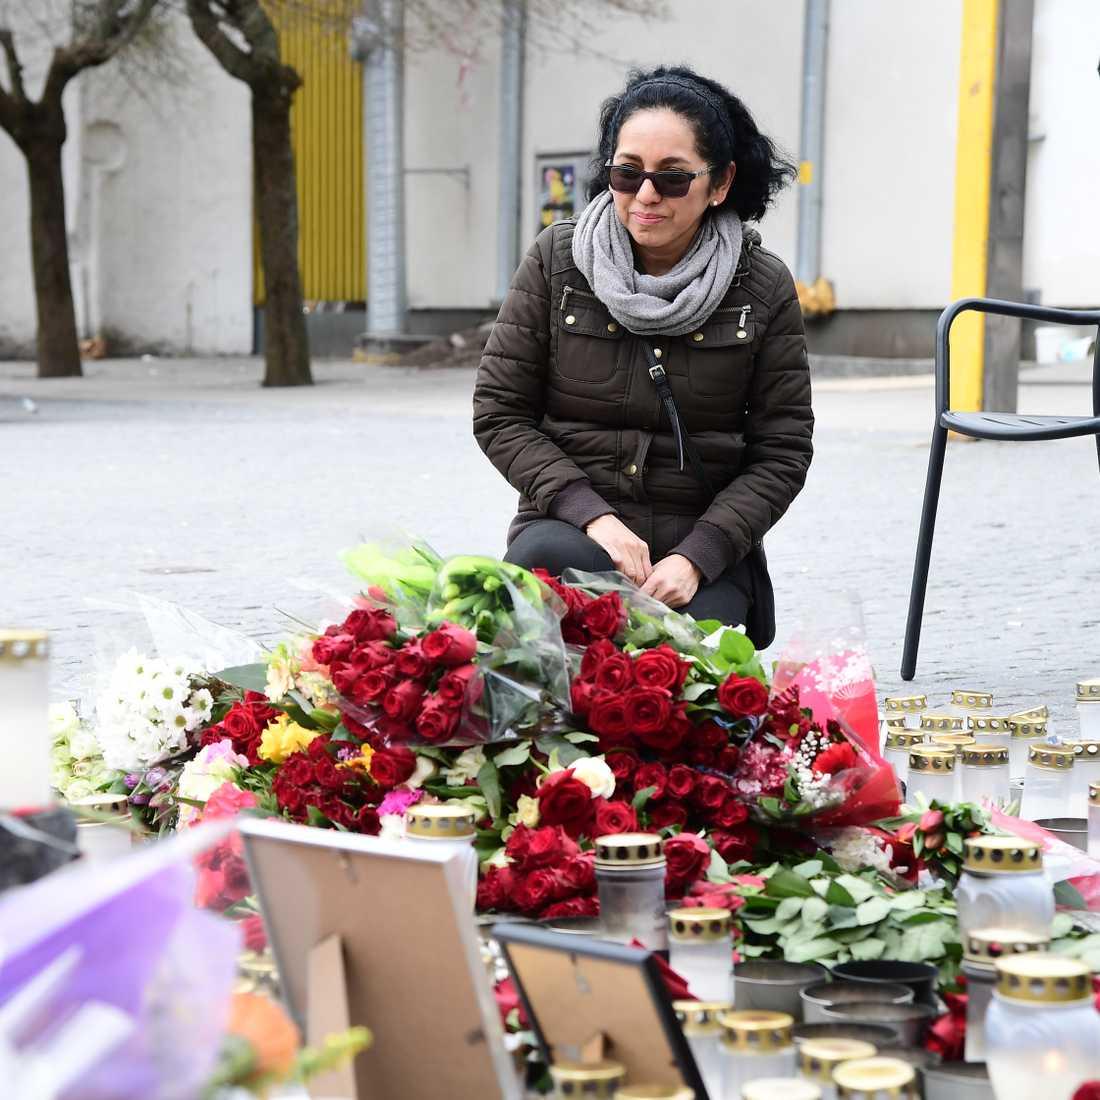 Många stannar till vid minnesplatsen för att hedra de döda. En av dem är 51-åriga Isabel Tapia, som bor i närheten.